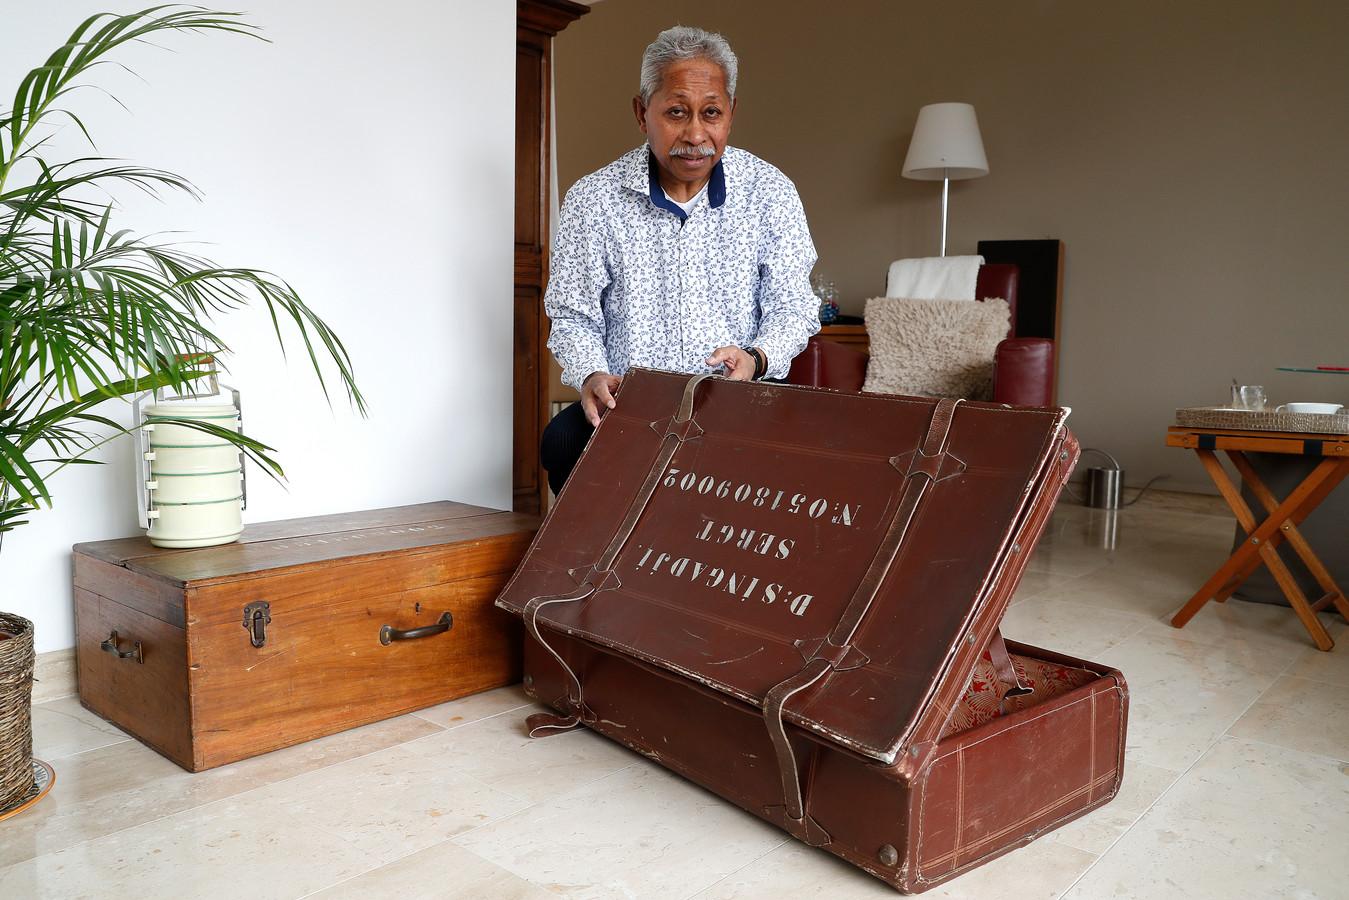 Een van de Molukkers die in 1951 naar Nederland kwam was Izaac Singadji (70). Hij woont sinds 1963 met plezier in Doesburg. De koffer die zijn ouders bij zich hadden bij aankomst in Rotterdam heeft hij nog steeds.